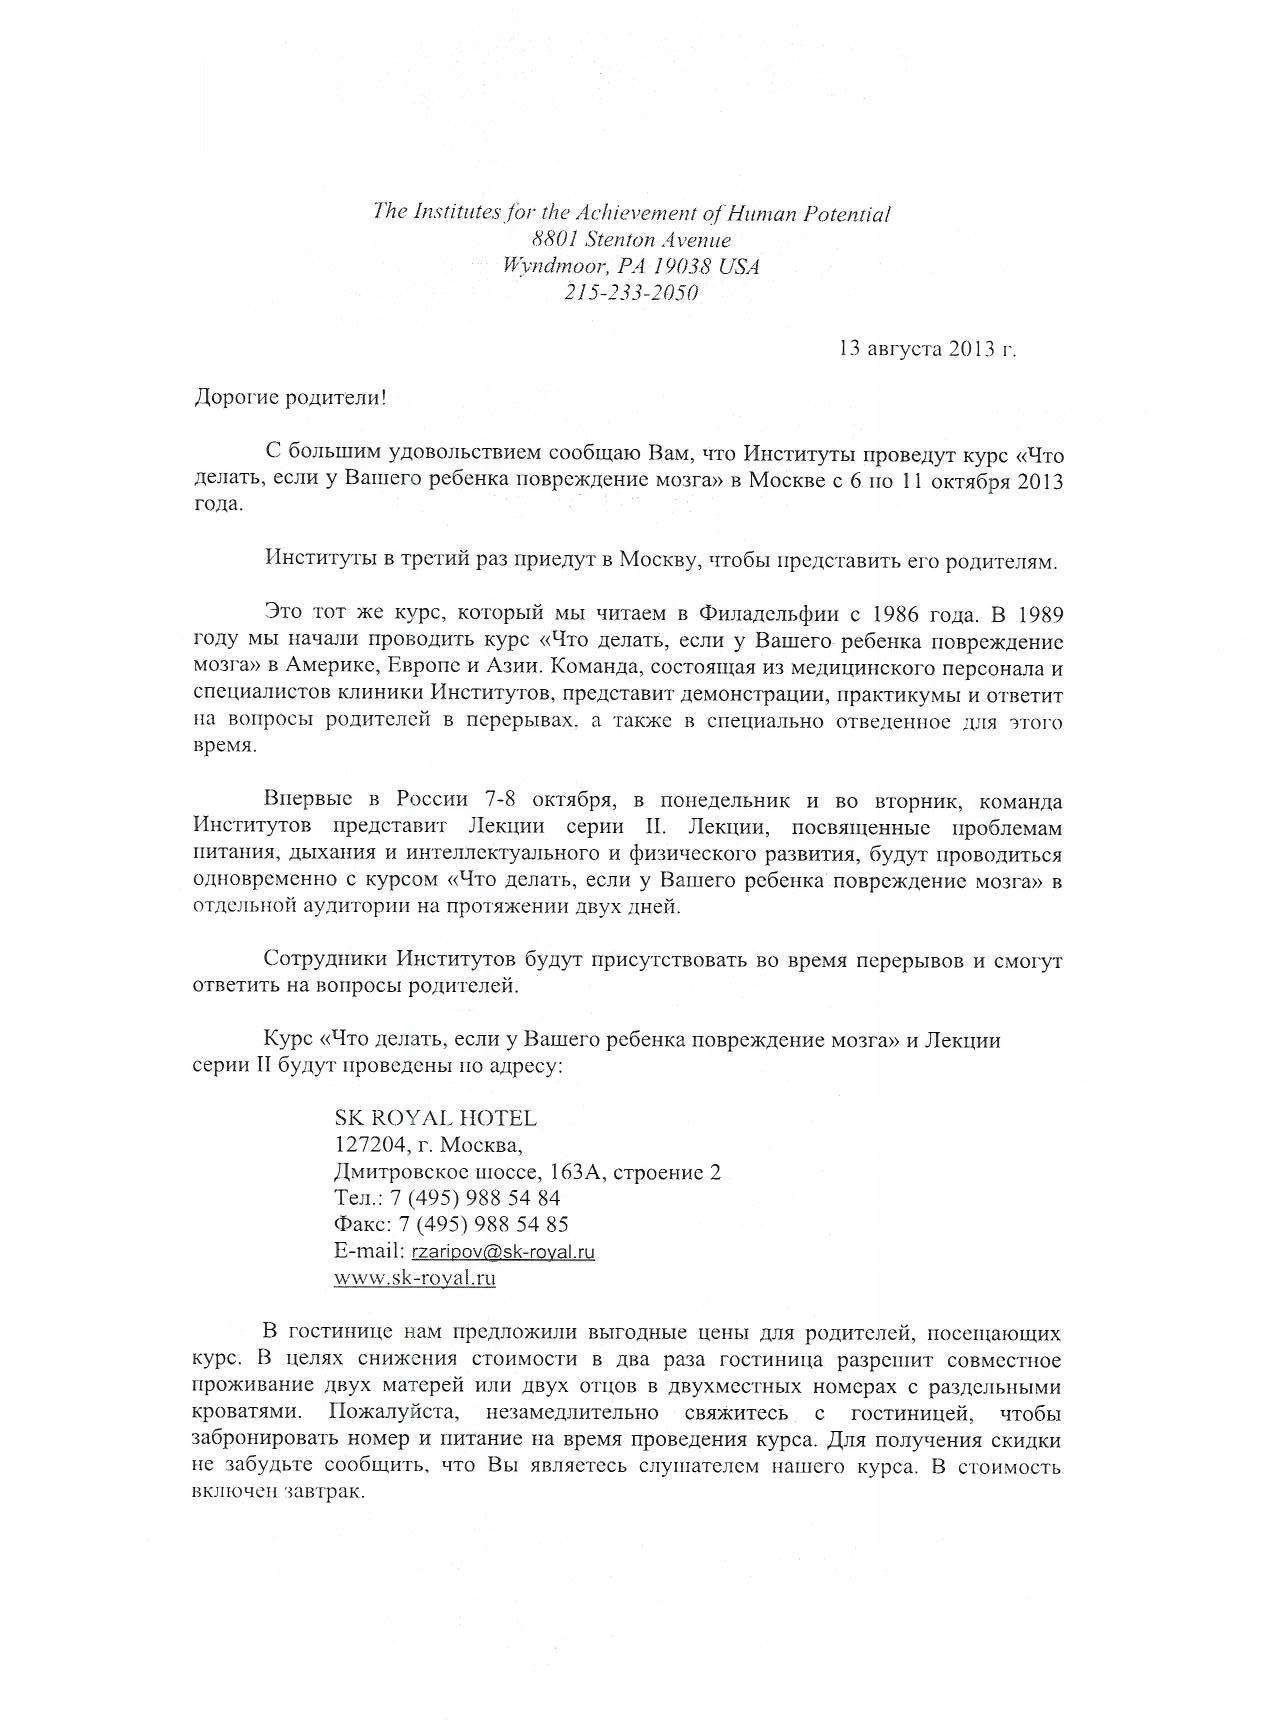 Письмо Дугласа Домана (1)